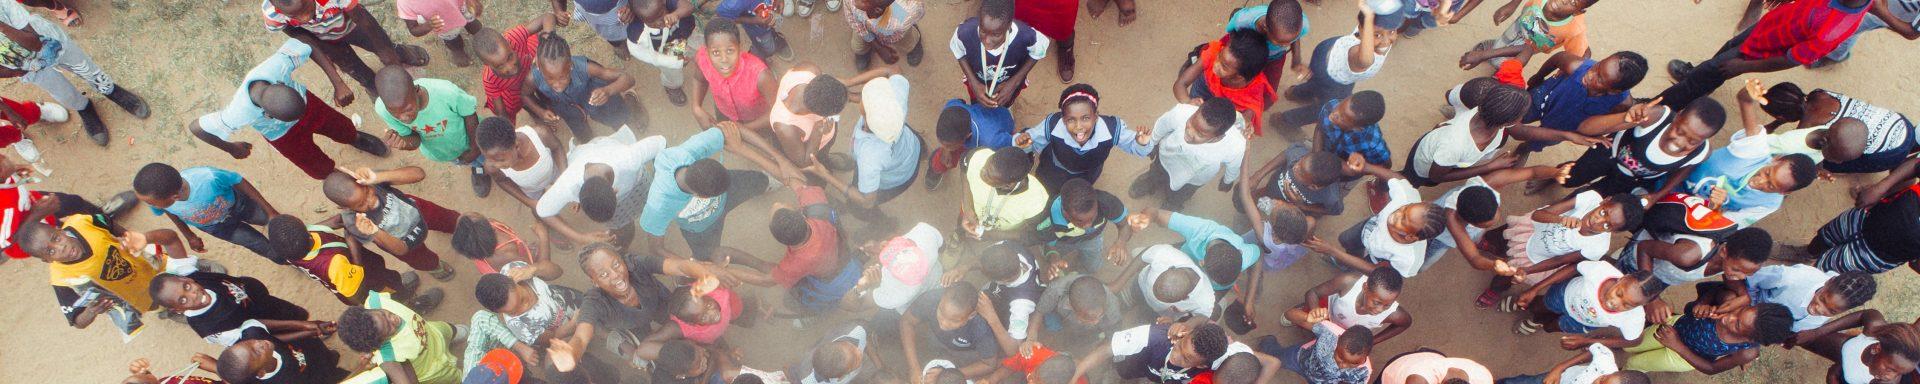 Groep mensen in Afrika die omhoog kijken.